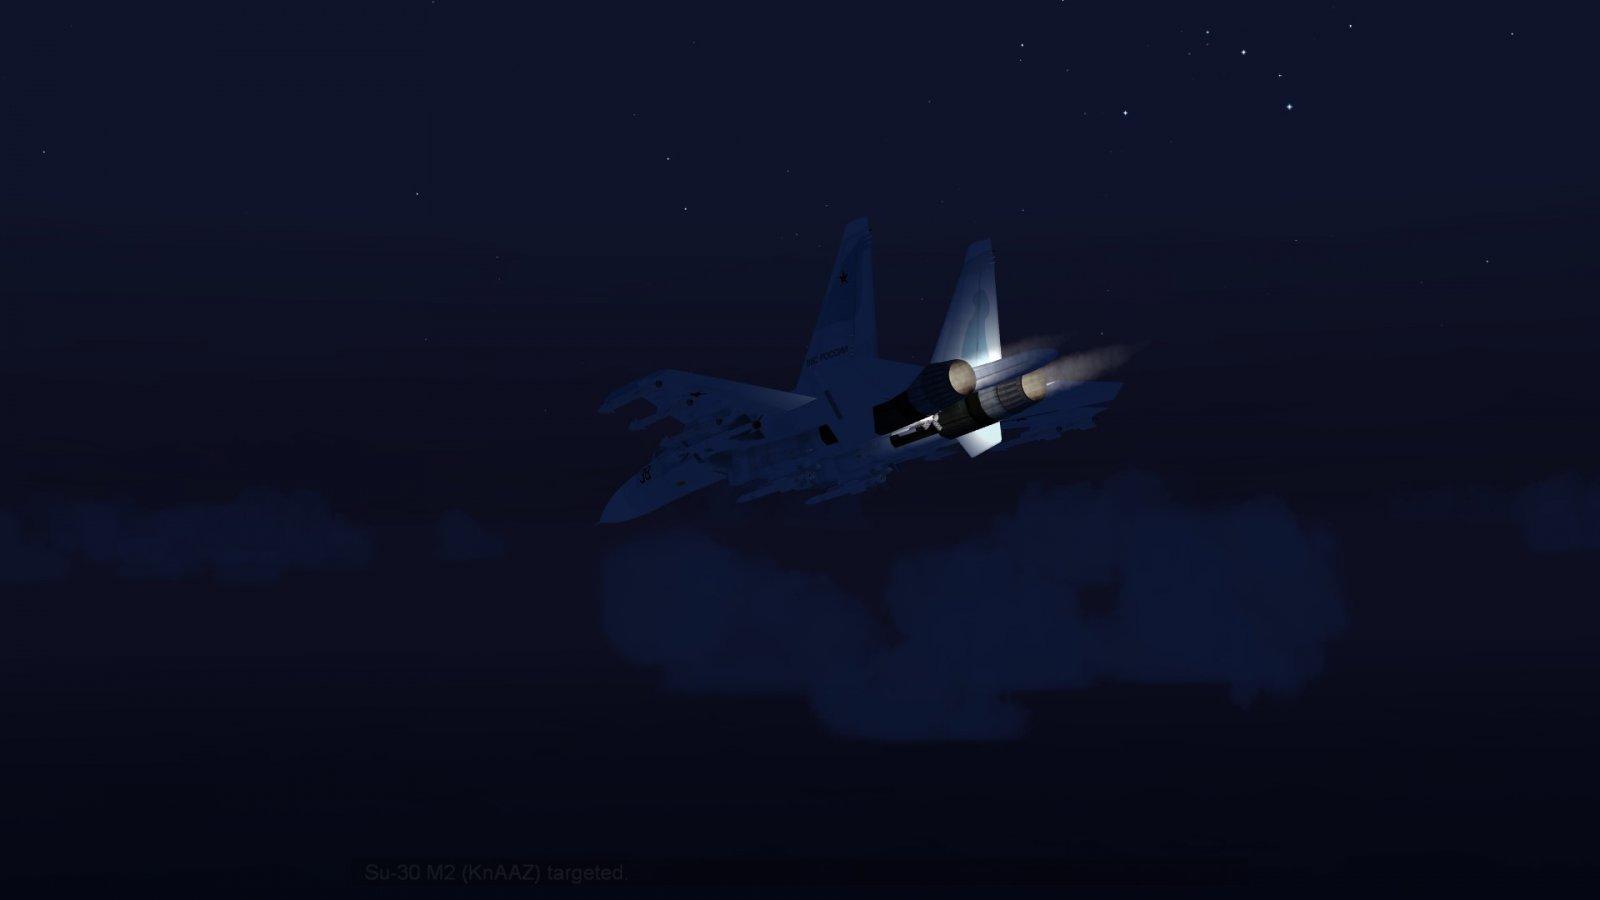 Su-30 in Afterburner